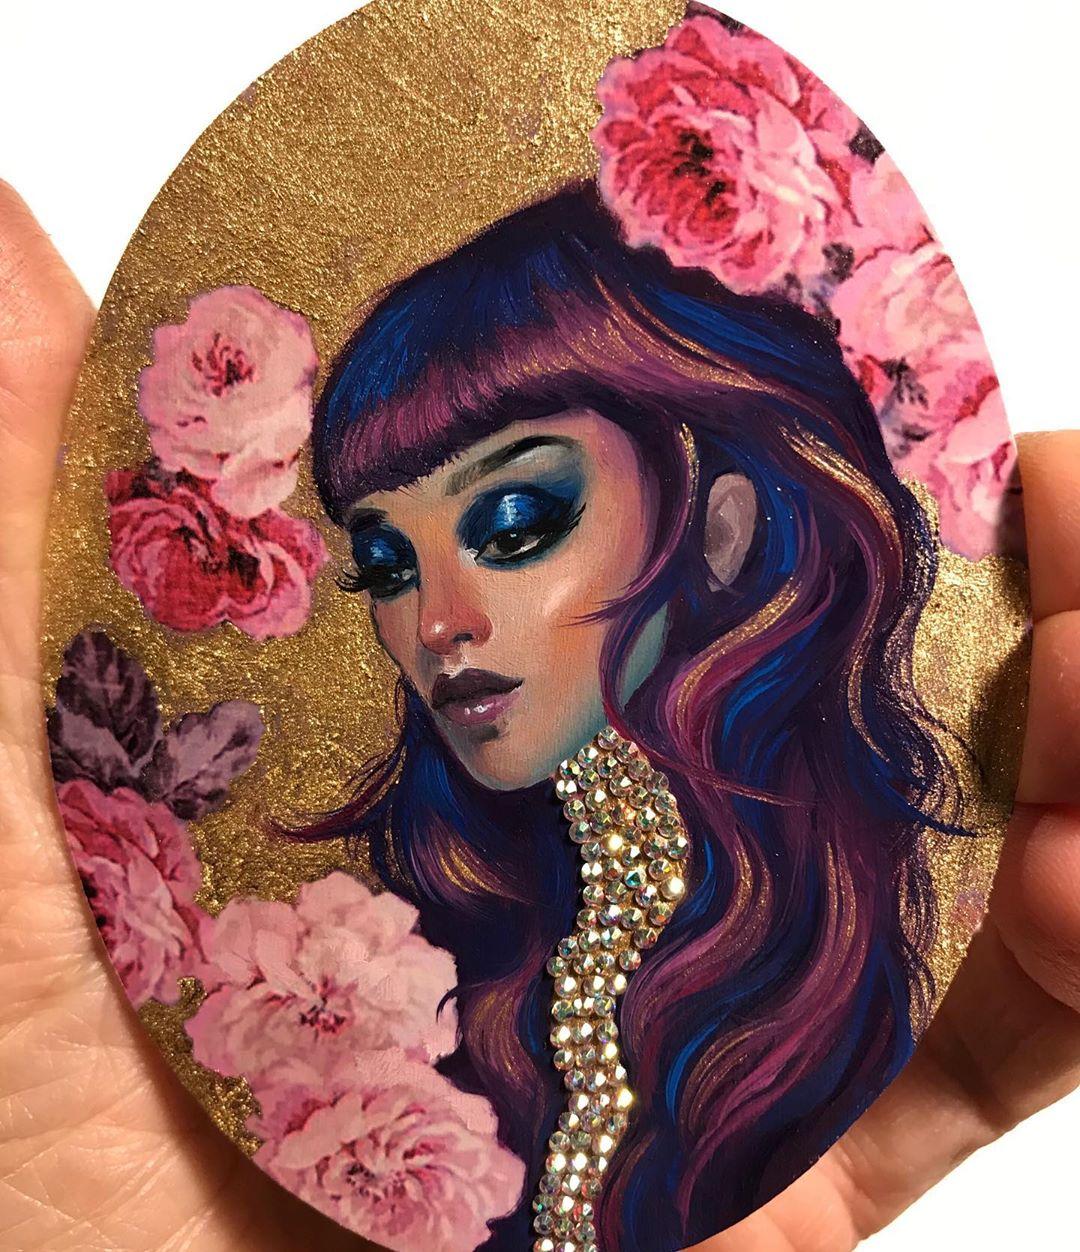 miniature oil painting portrait jel ena